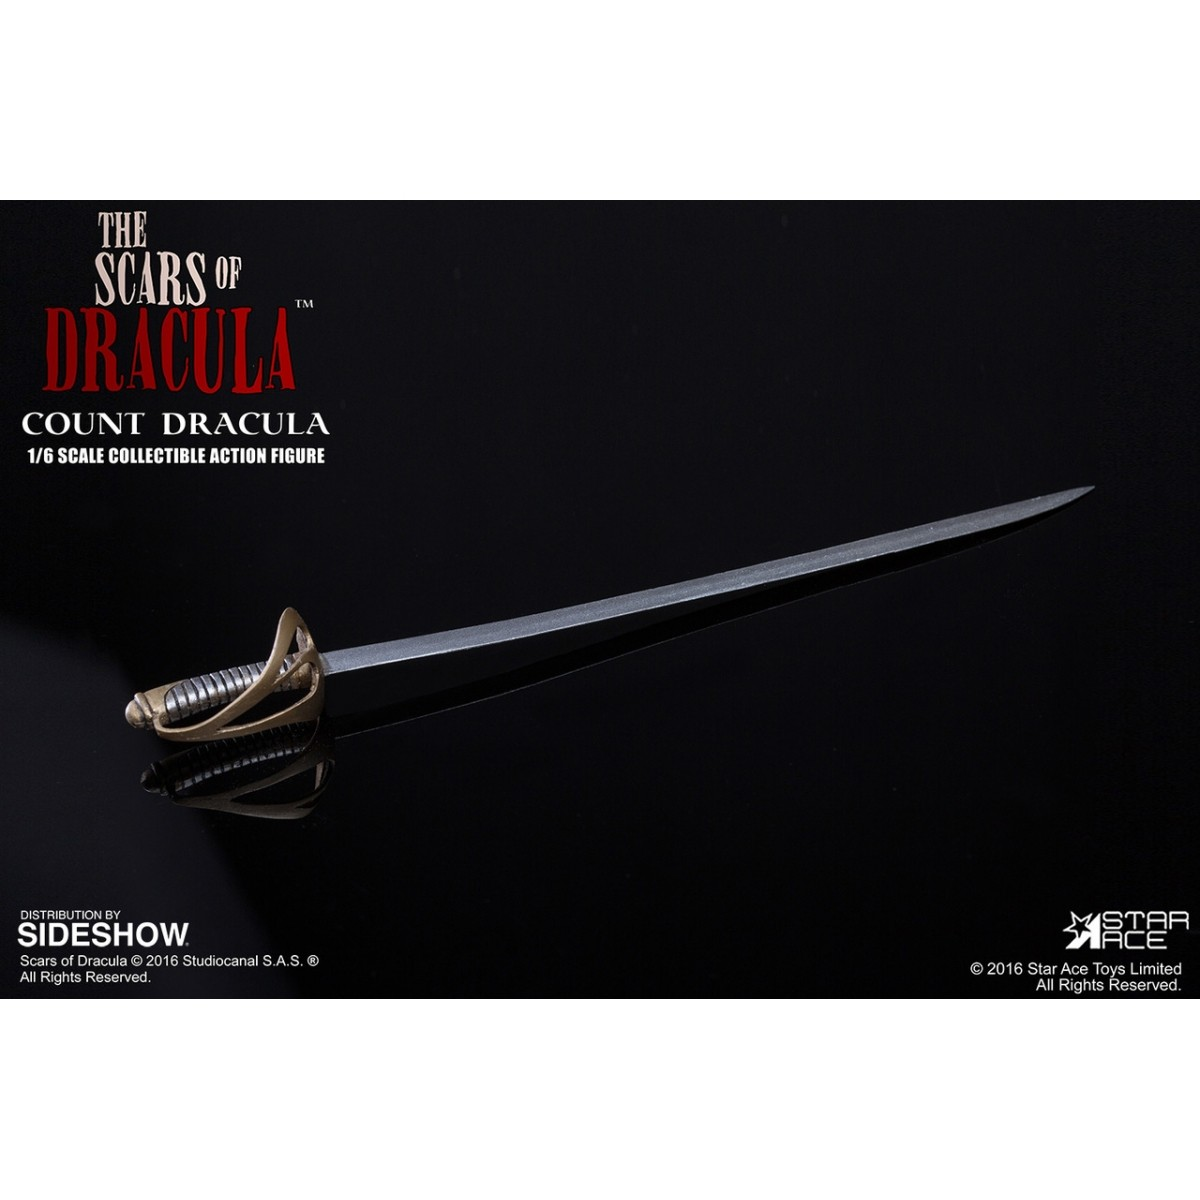 Boneco Drácula: O Conde Drácula Escala 1/6 - Star Ace - CD